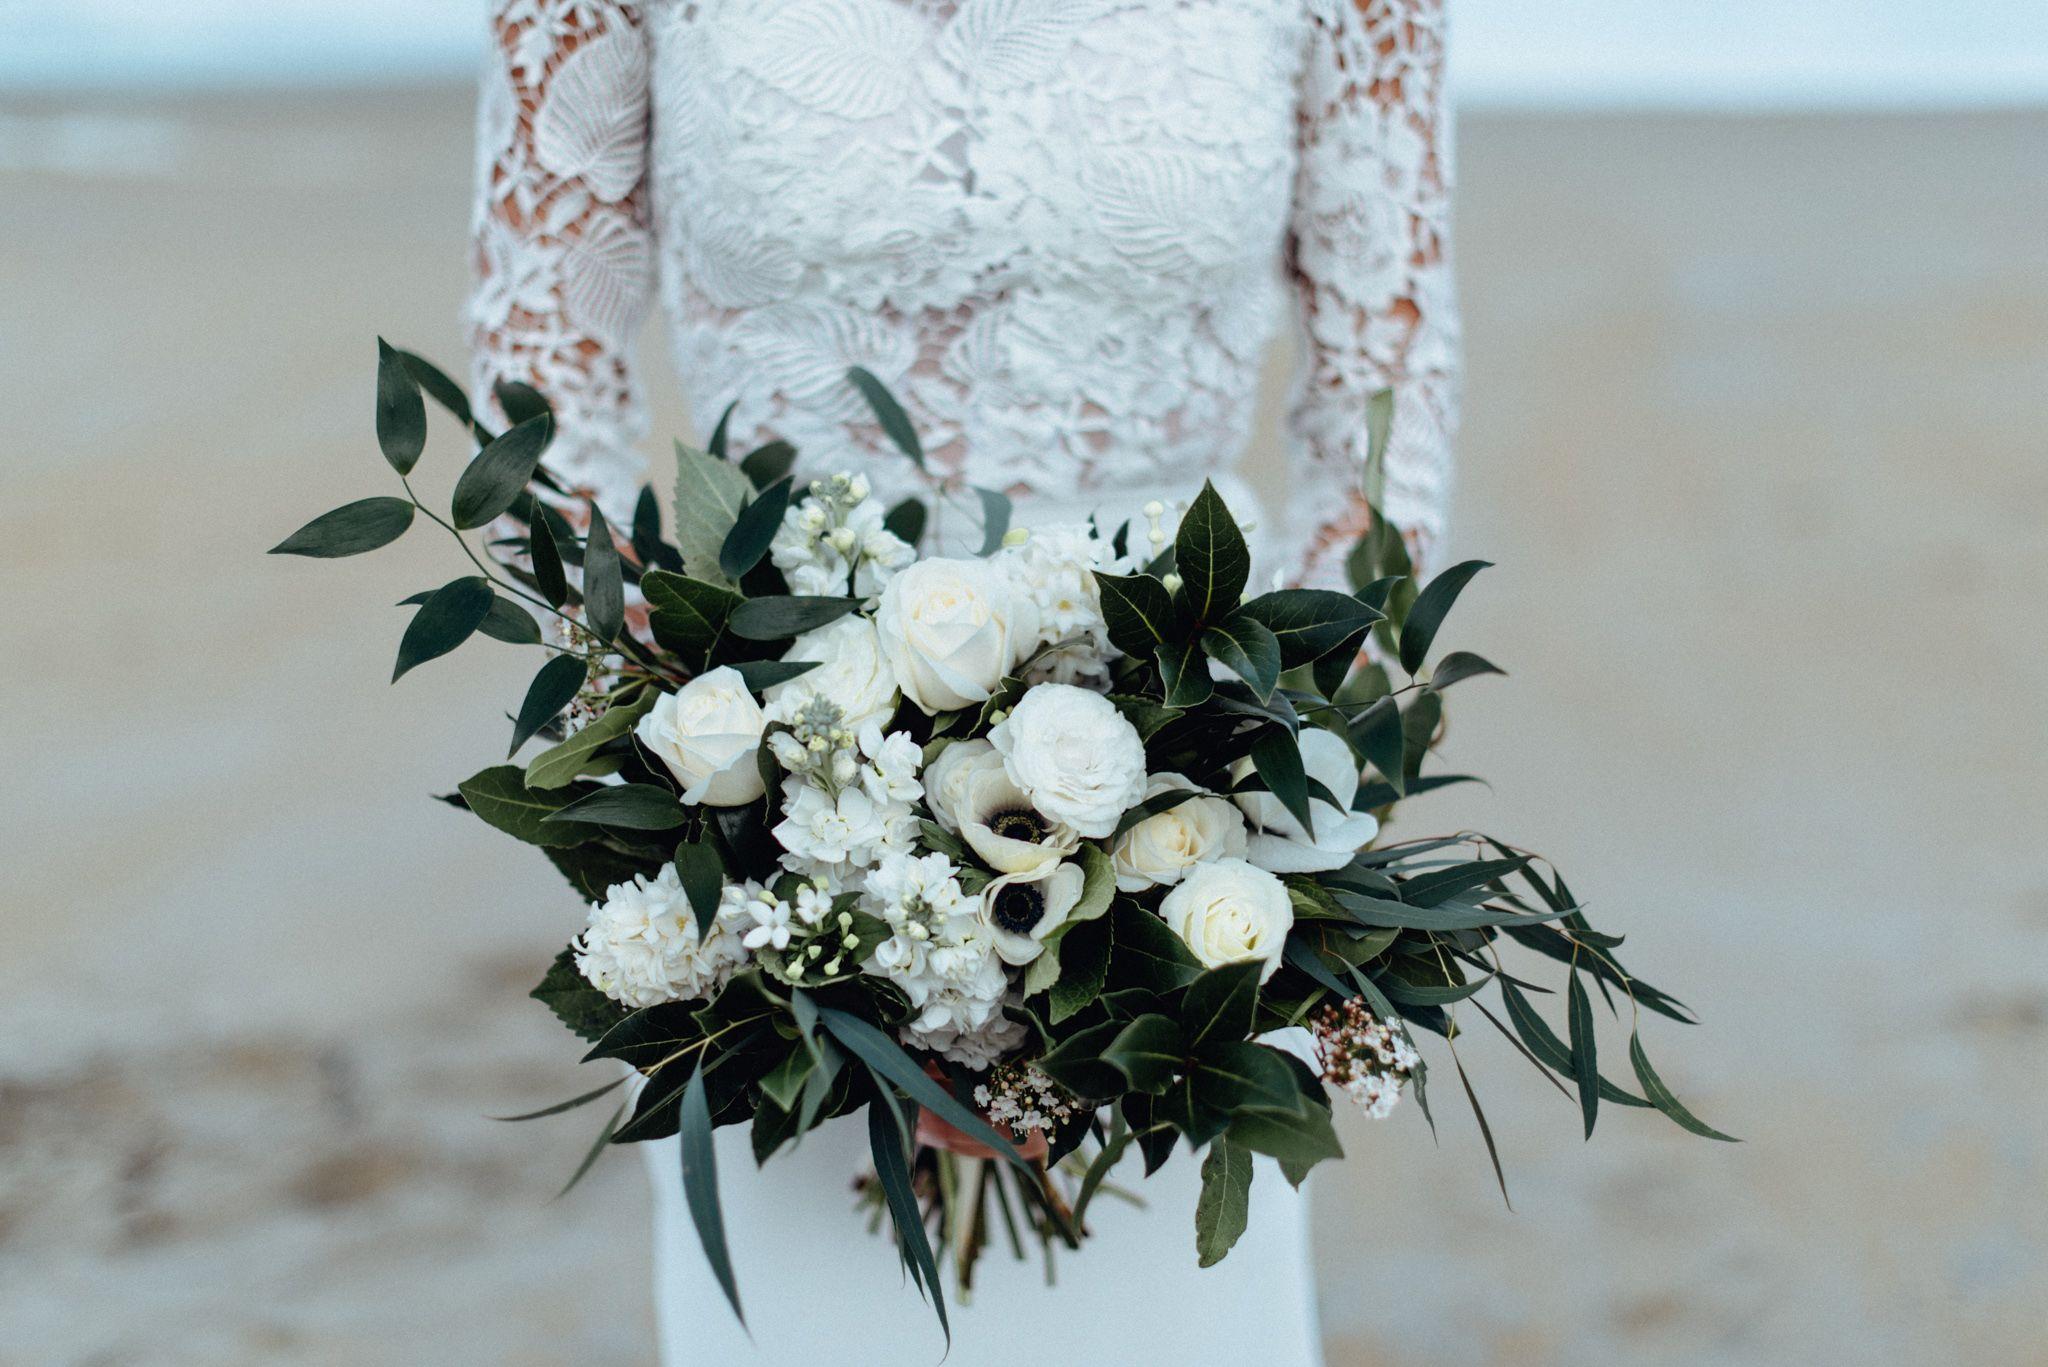 Acorn Photography - www.acornphotography.co.nz  Wedding, Beach Wedding, flowers, Wedding flower, Wedding Bouquet,